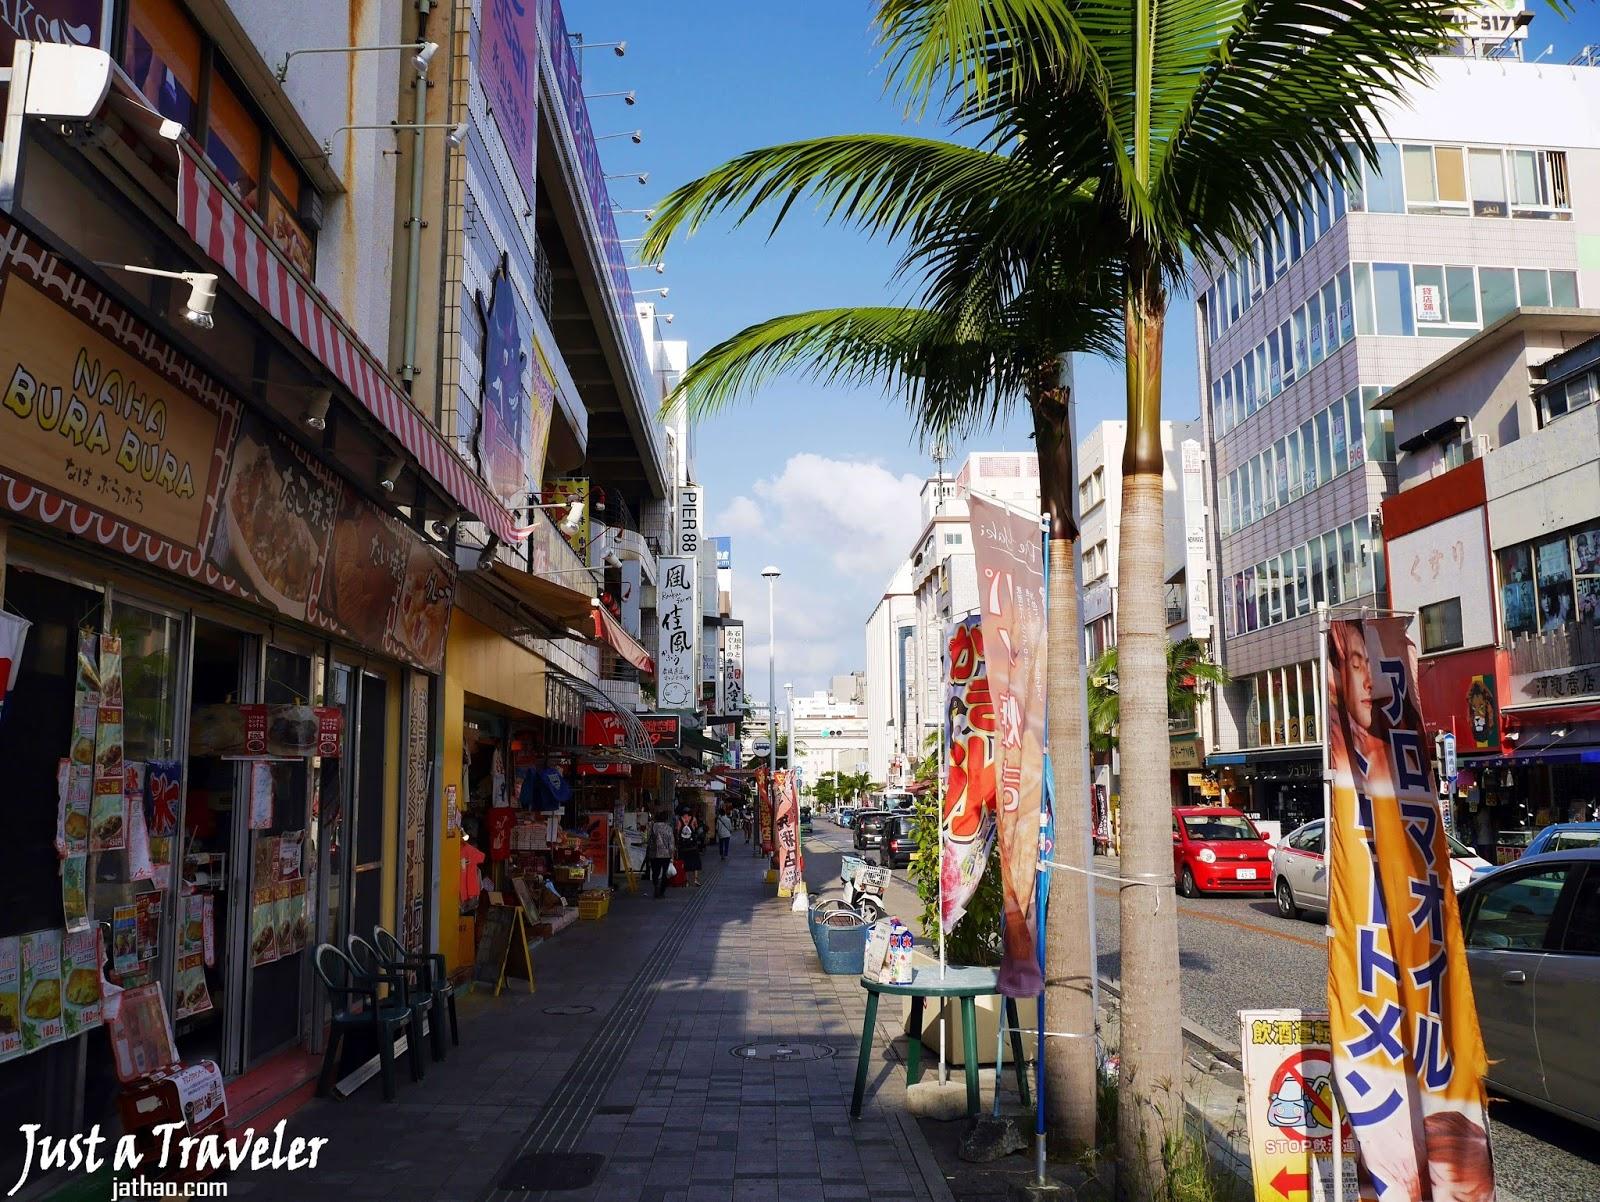 沖繩-沖繩景點-推薦-國際通-那霸-逛街-購物-沖繩自由行景點-沖繩觀光-沖繩旅遊-沖繩那霸景點-Okinawa-attraction-Kokusaidori-shopping-Naha-Toruist-destination